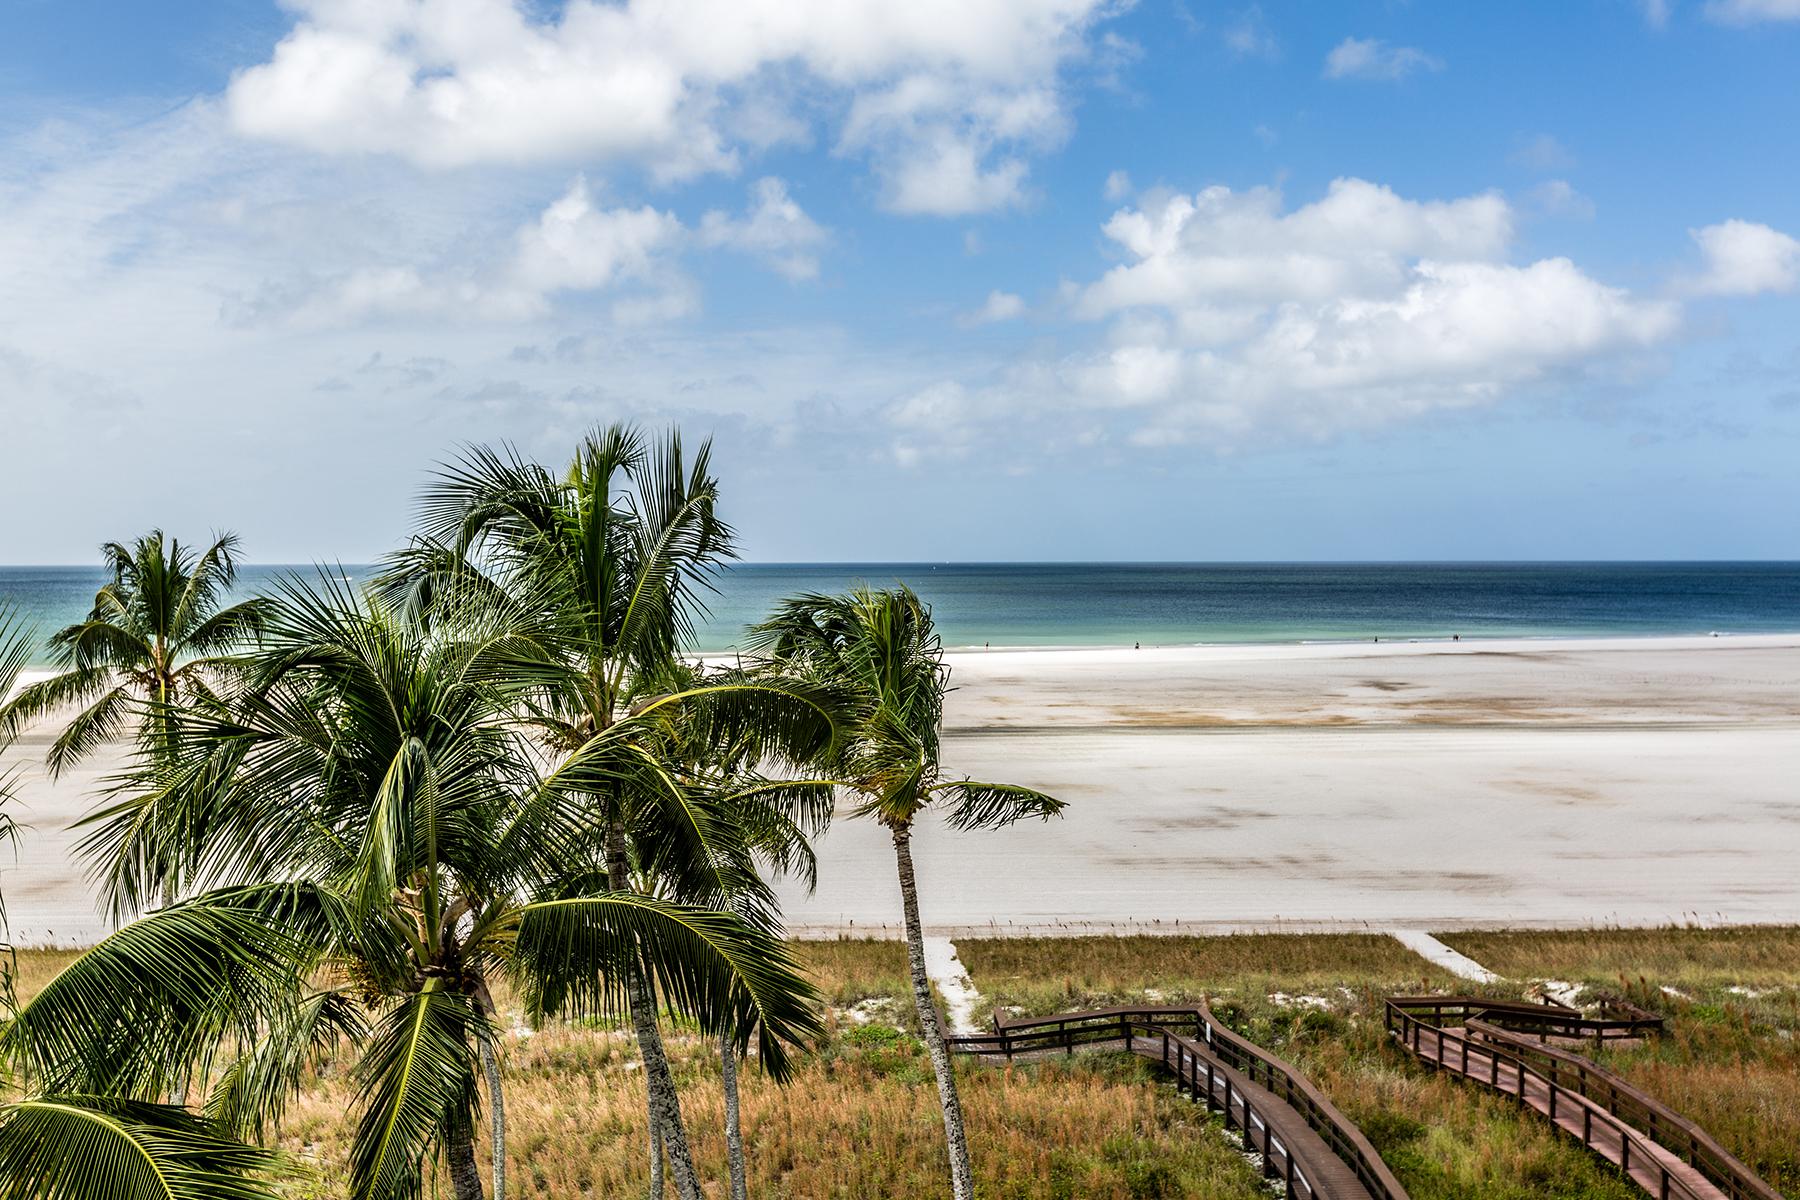 Kat Mülkiyeti için Satış at MARCO ISLAND - EMERALD BEACH 500 Saturn Ct 65 Marco Island, Florida, 34145 Amerika Birleşik Devletleri